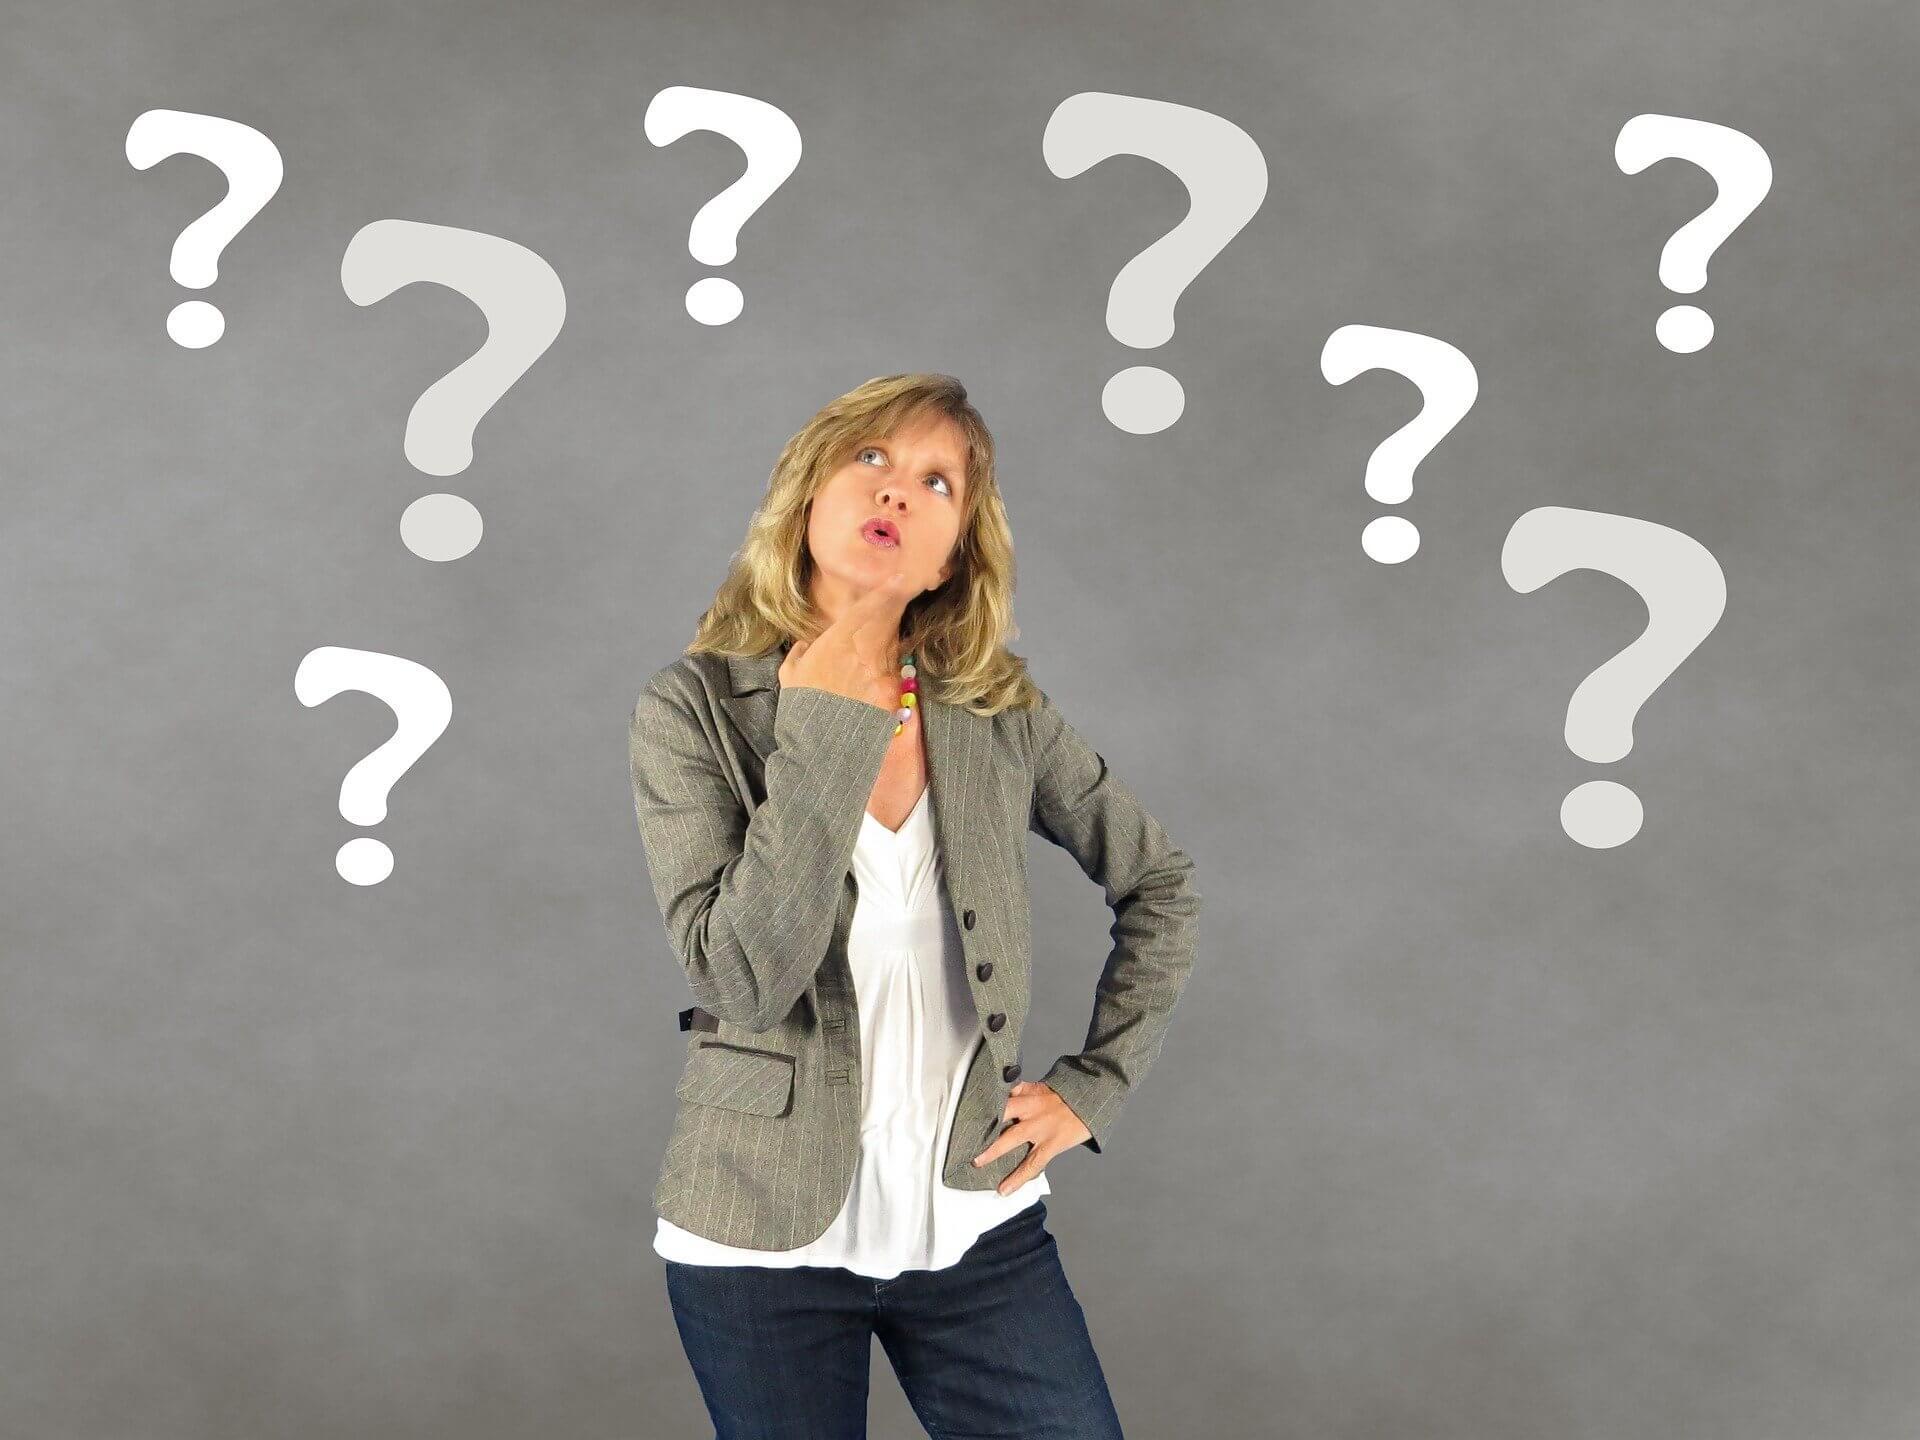 טיפול ברטיבות - המקור ואיך לטפל?